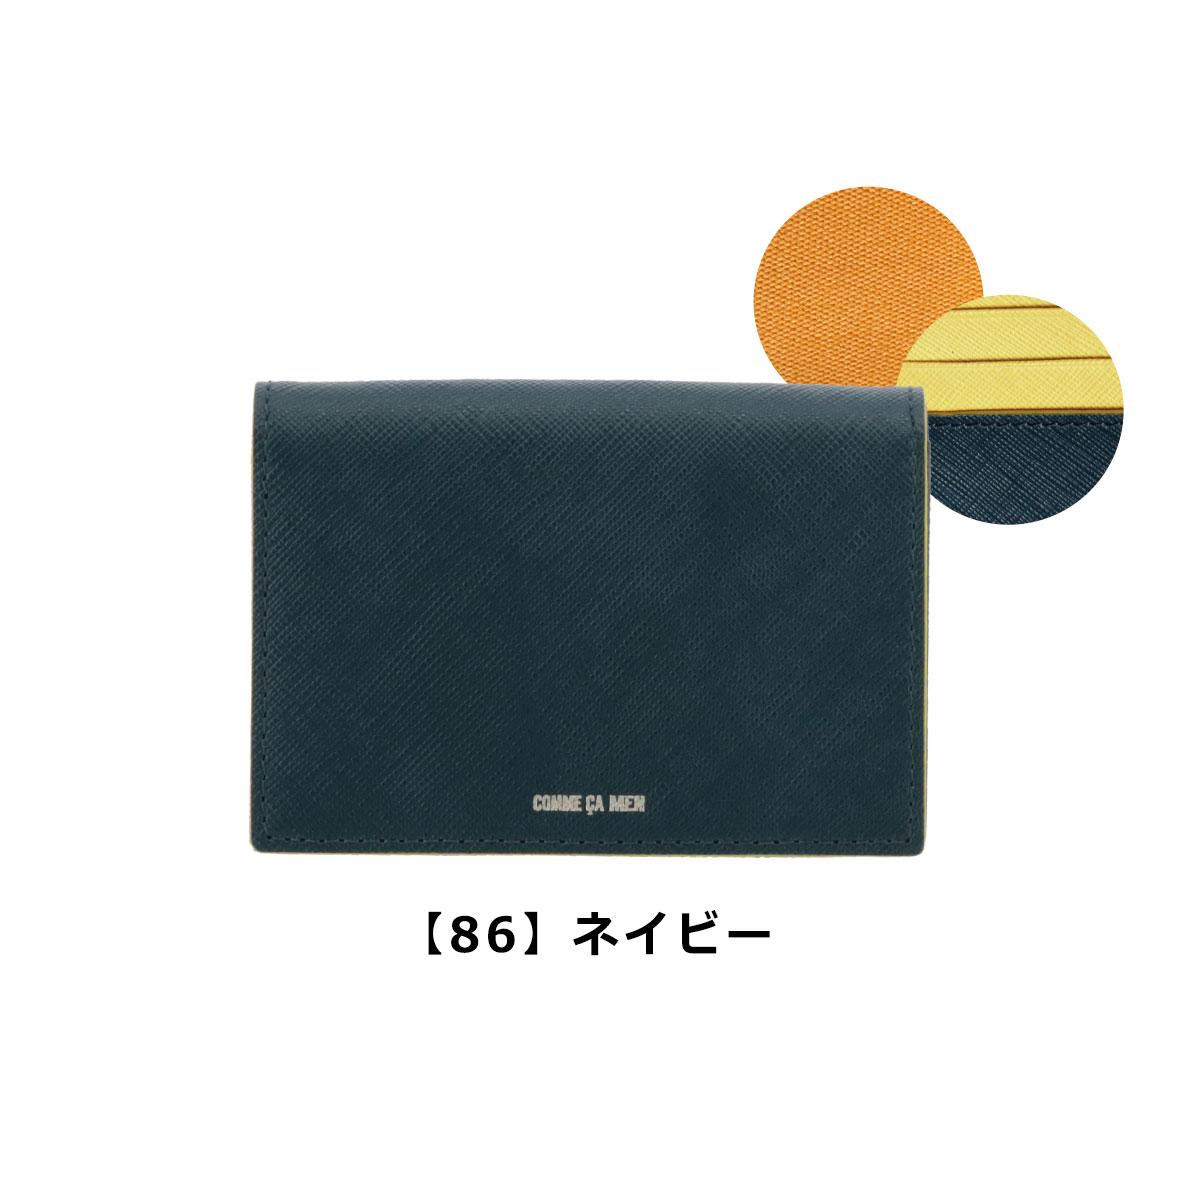 【94】ブラック/レッド